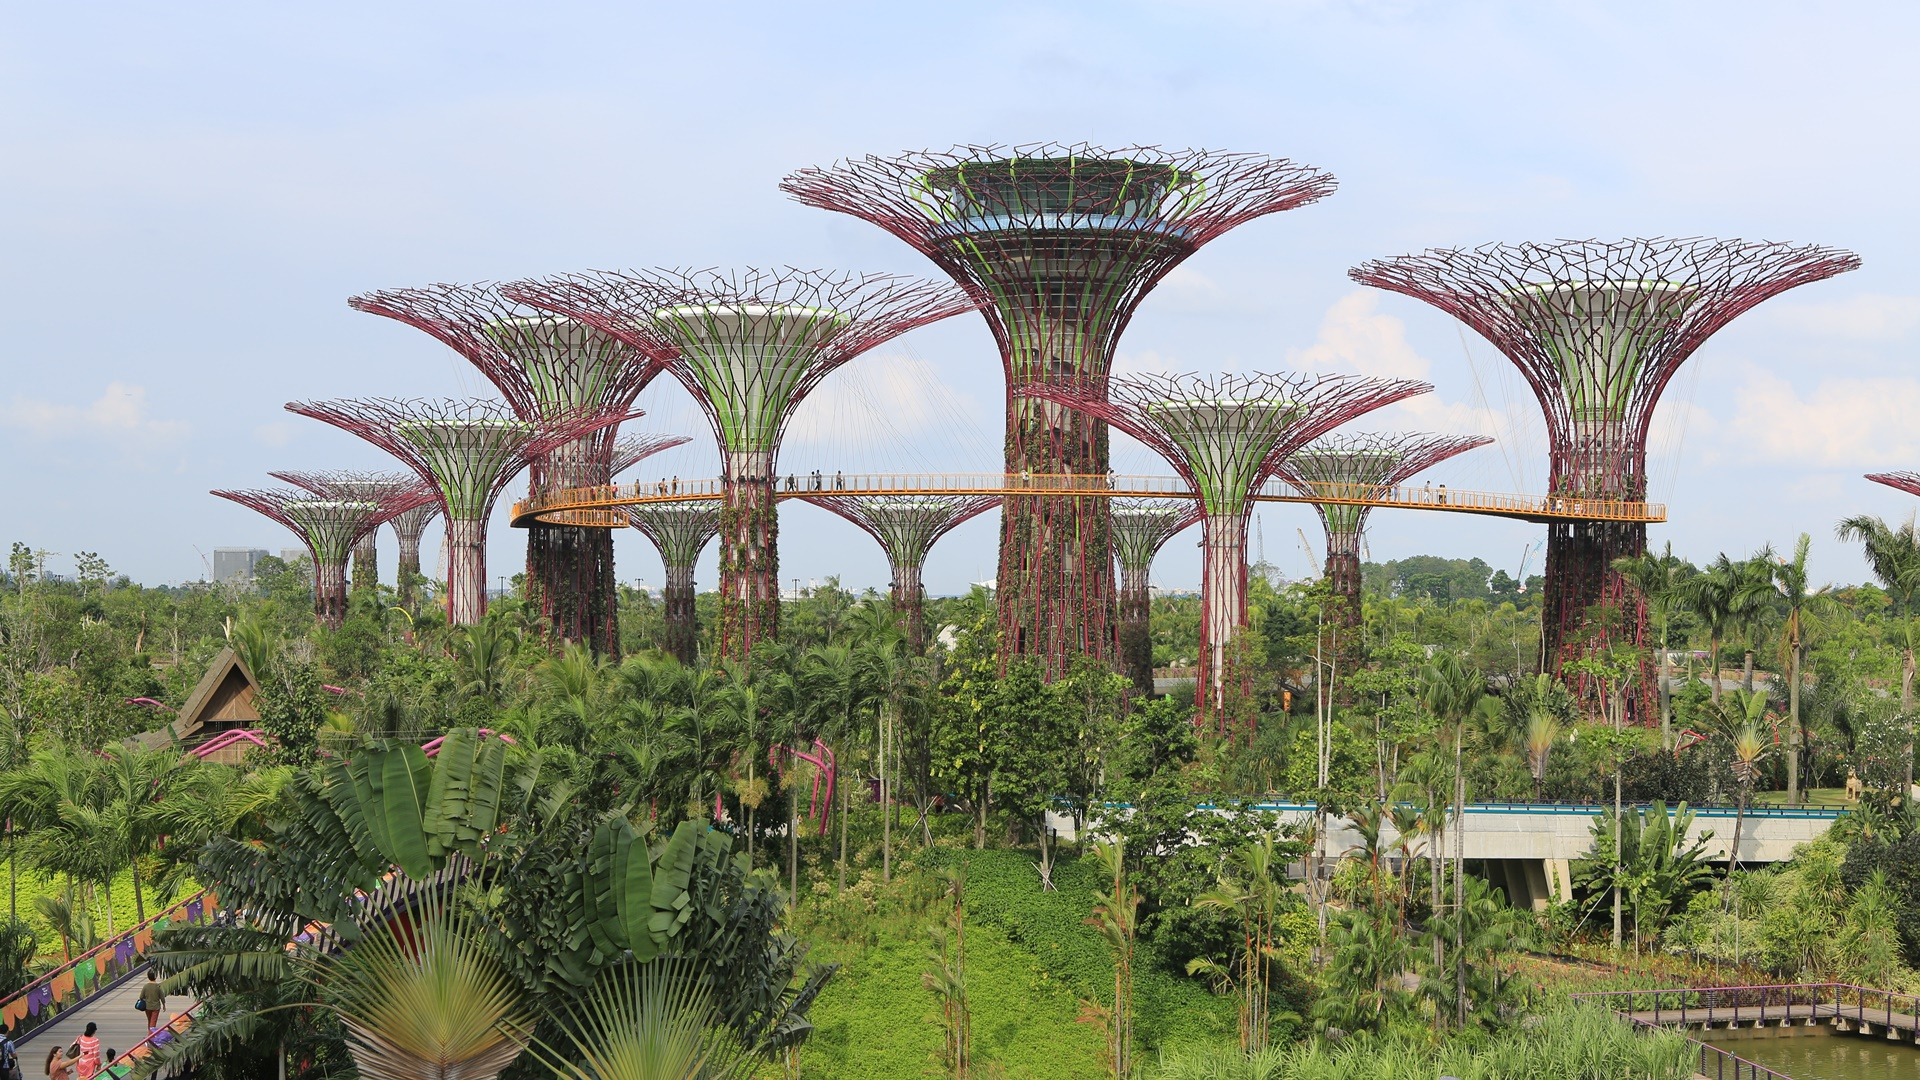 Super Drzewa (Supertrees) w Gardens By The Bay w SIngapurze. Numer 2 na liście 5 największych atrakcji turystycznych Singapuru.